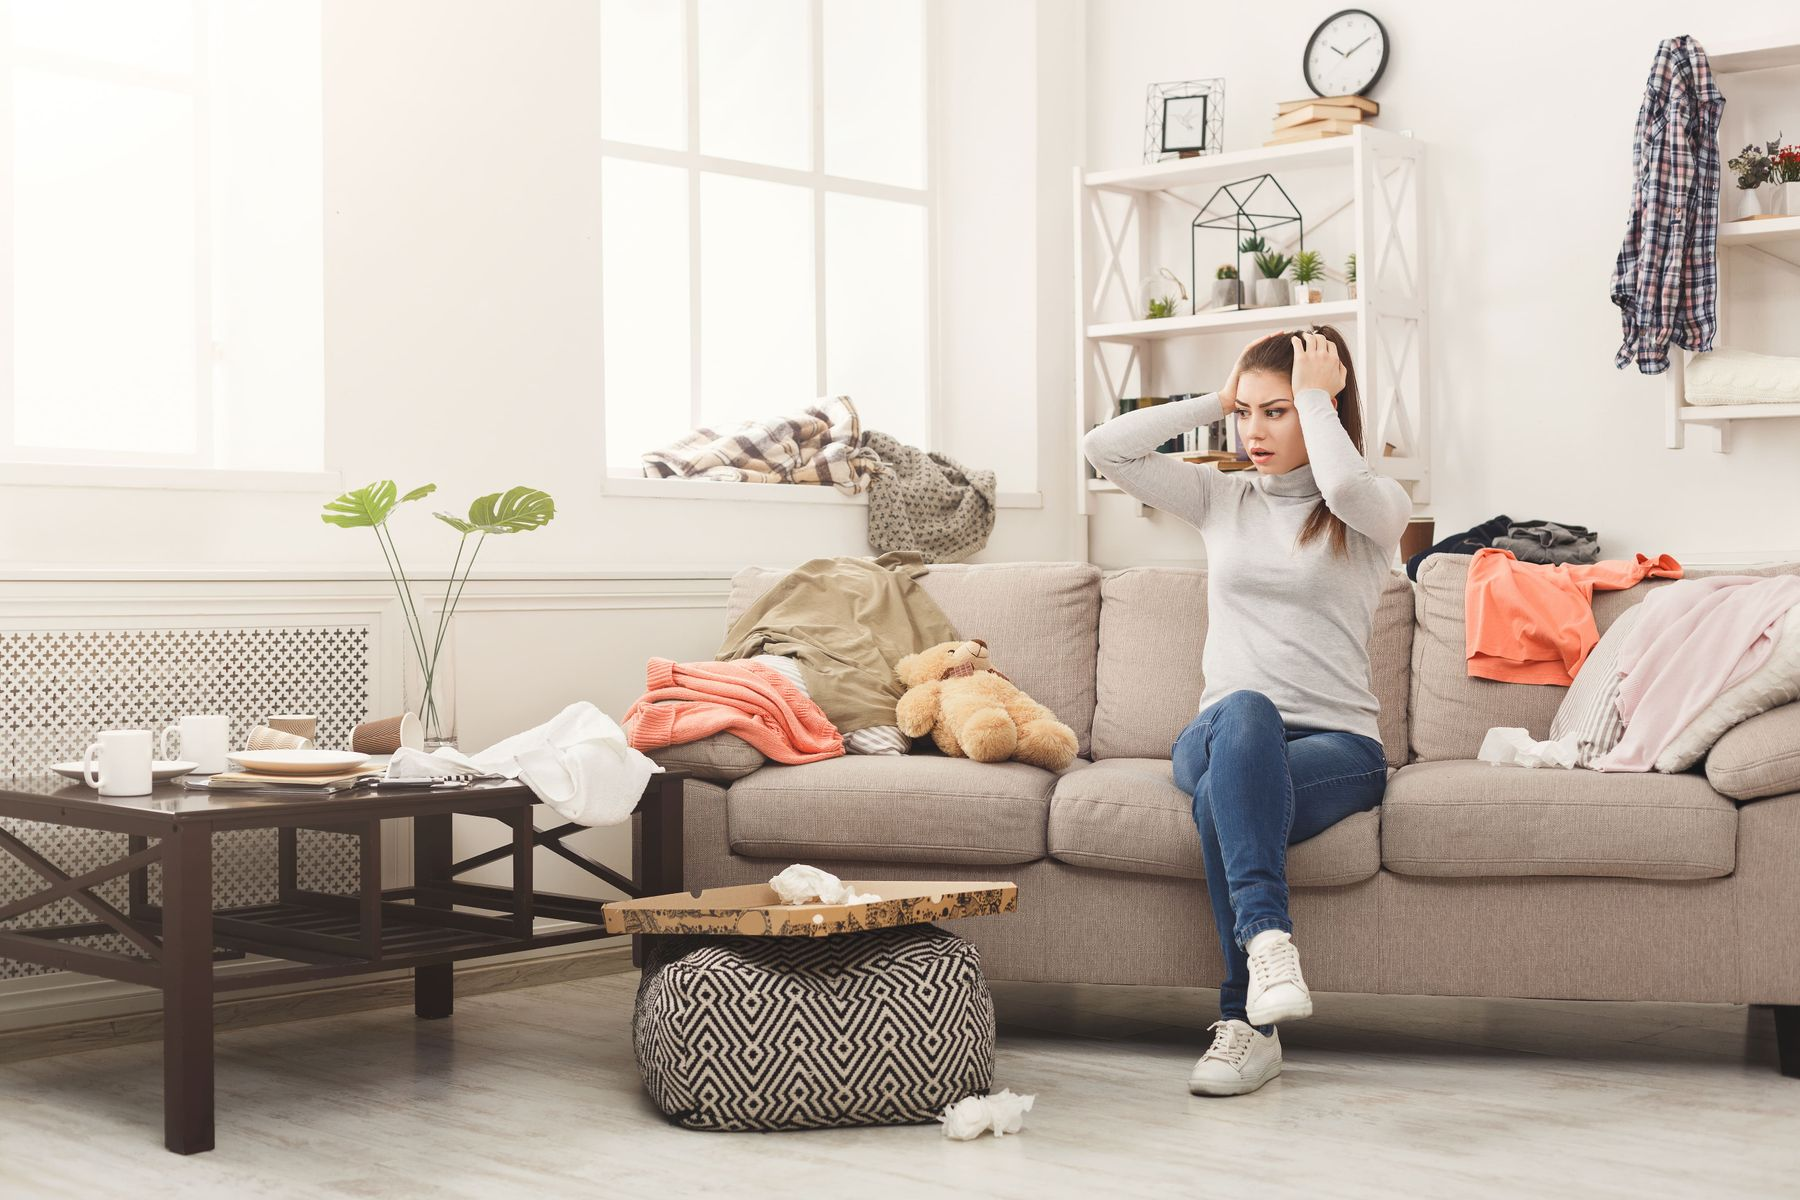 5 Mẹo giúp không gian nhà bạn trông rộng rãi và thoáng mát hơn